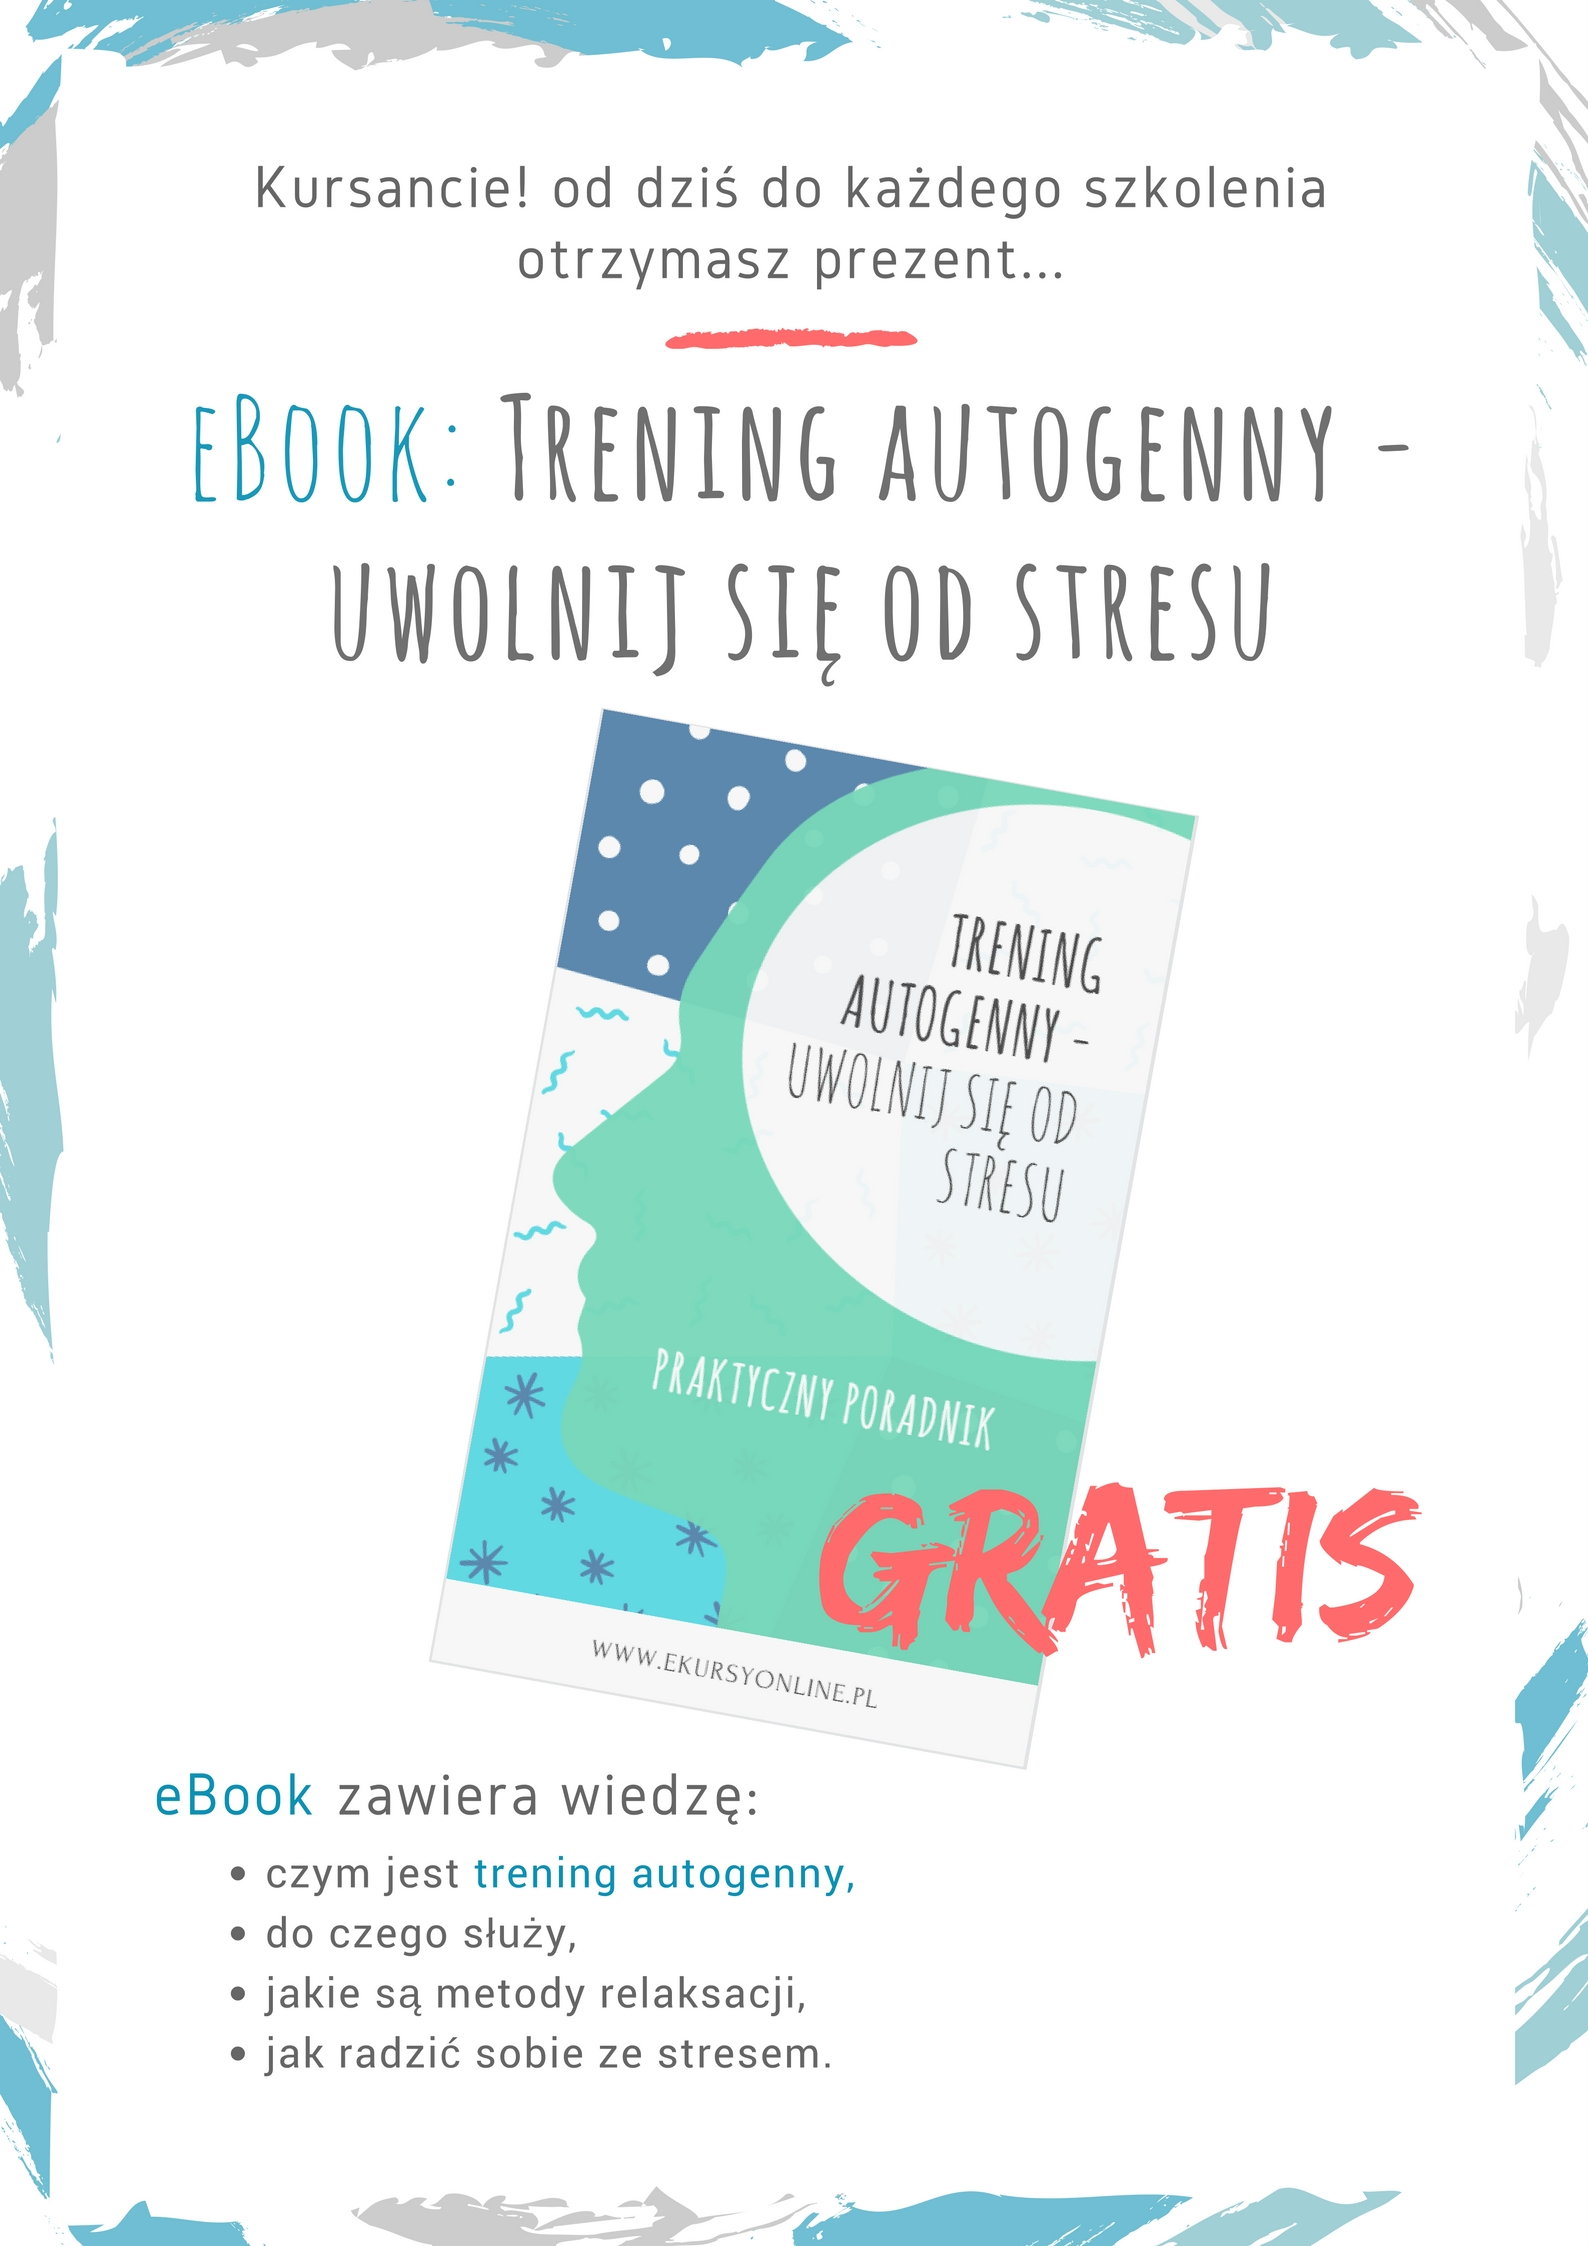 Promocja E-book w prezencie!